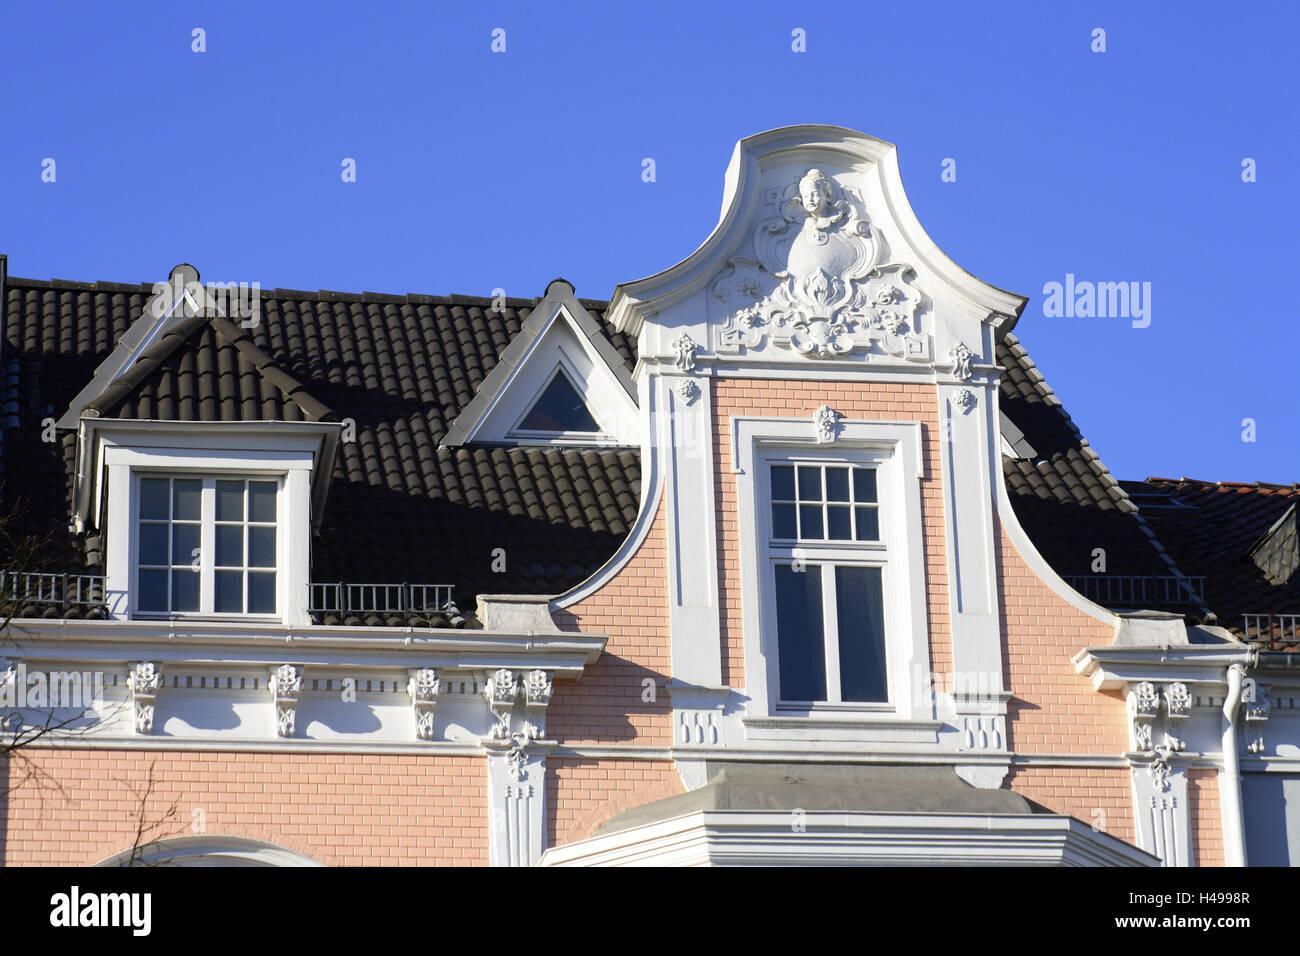 jugendstil villa stockfotos jugendstil villa bilder alamy. Black Bedroom Furniture Sets. Home Design Ideas